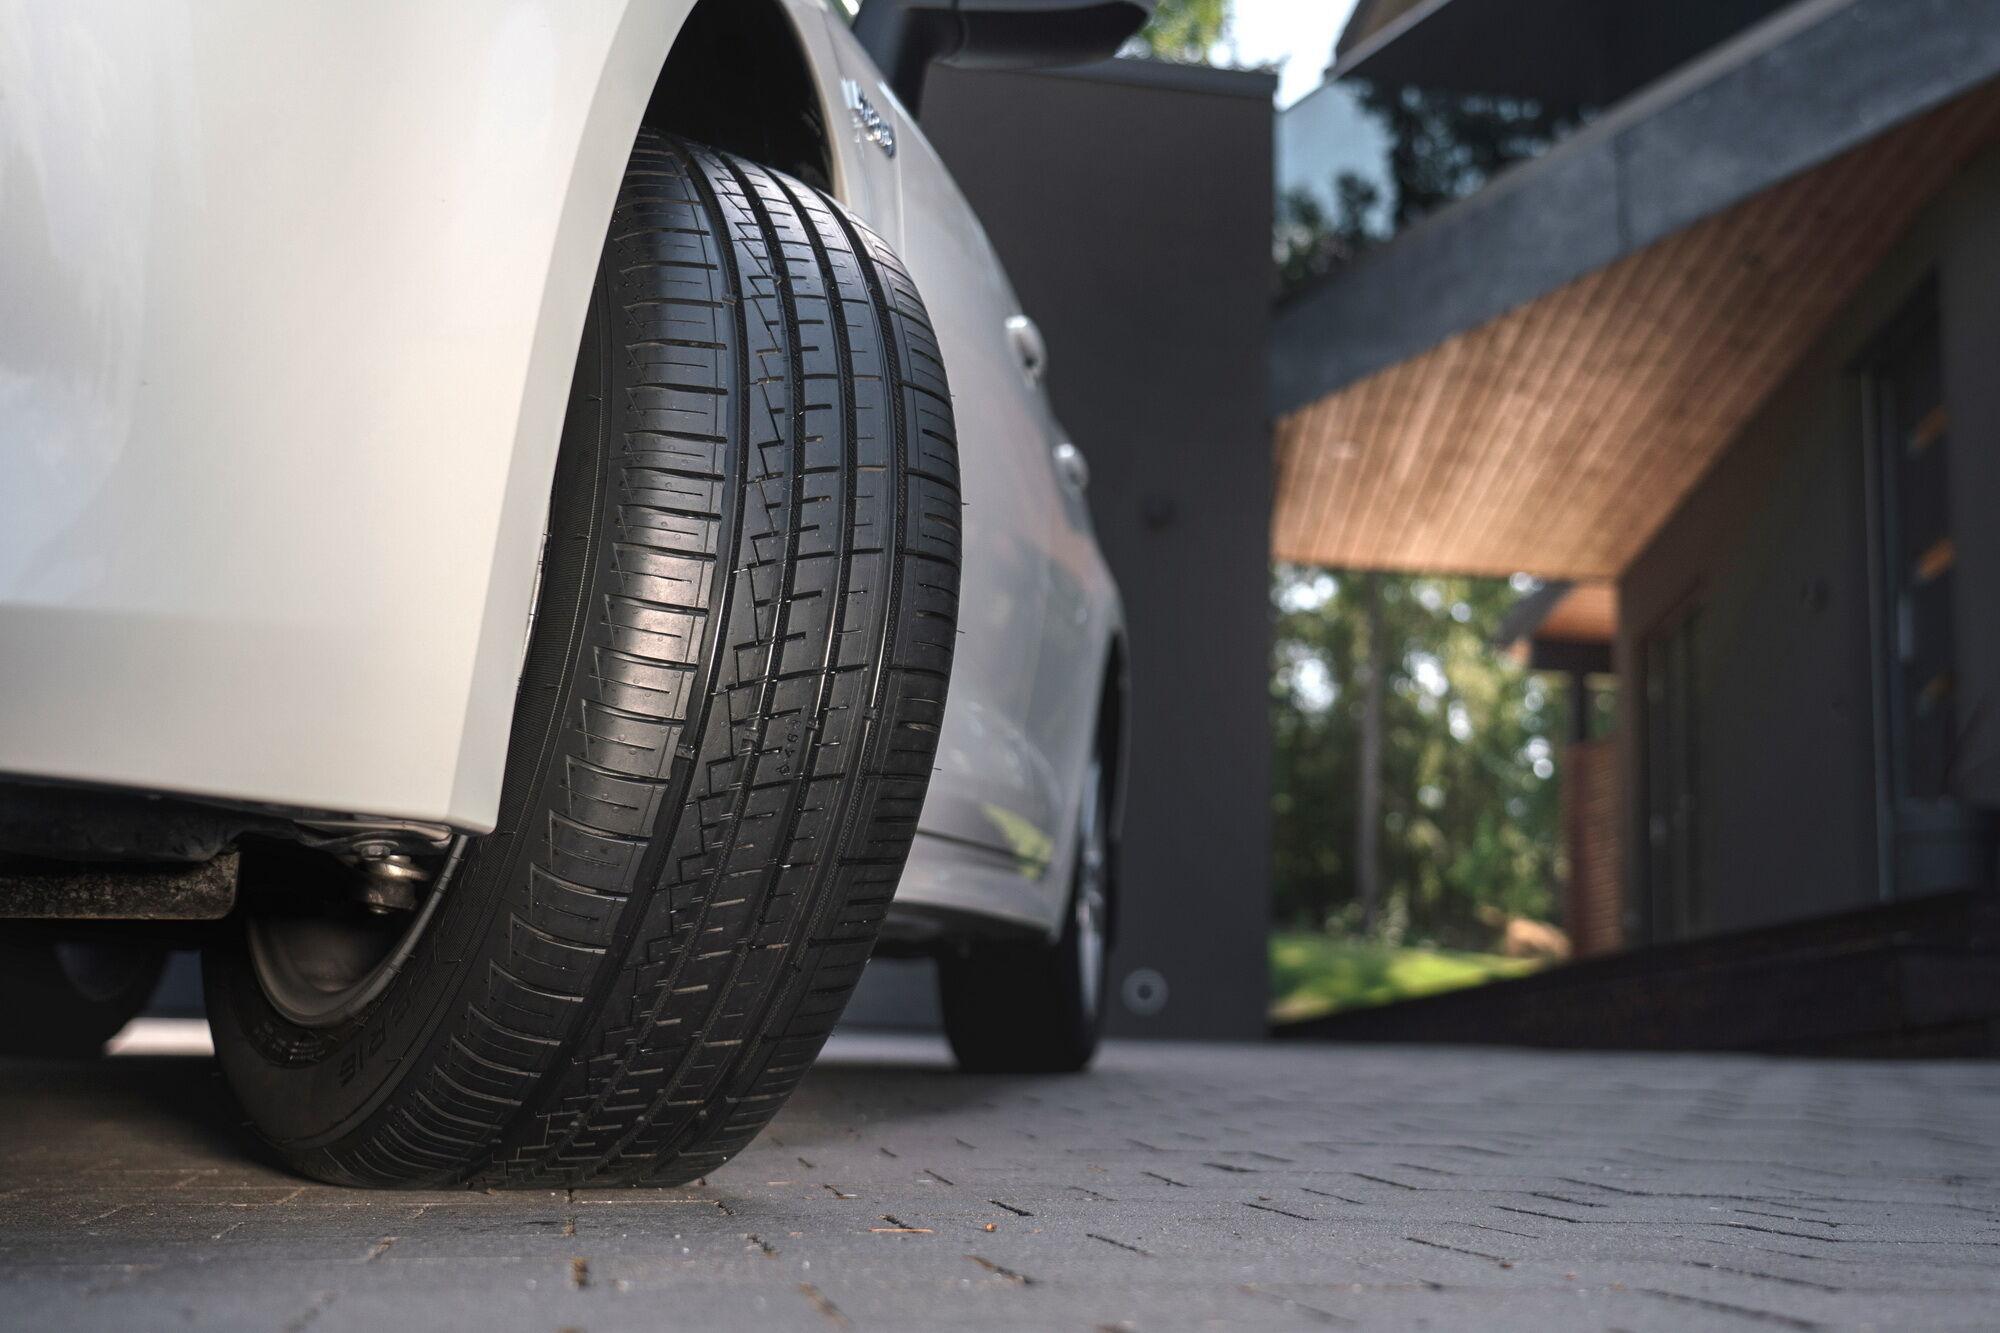 Шини Nokian Hakka Green 3 – оптимальний вибір для компактного міського автомобіля